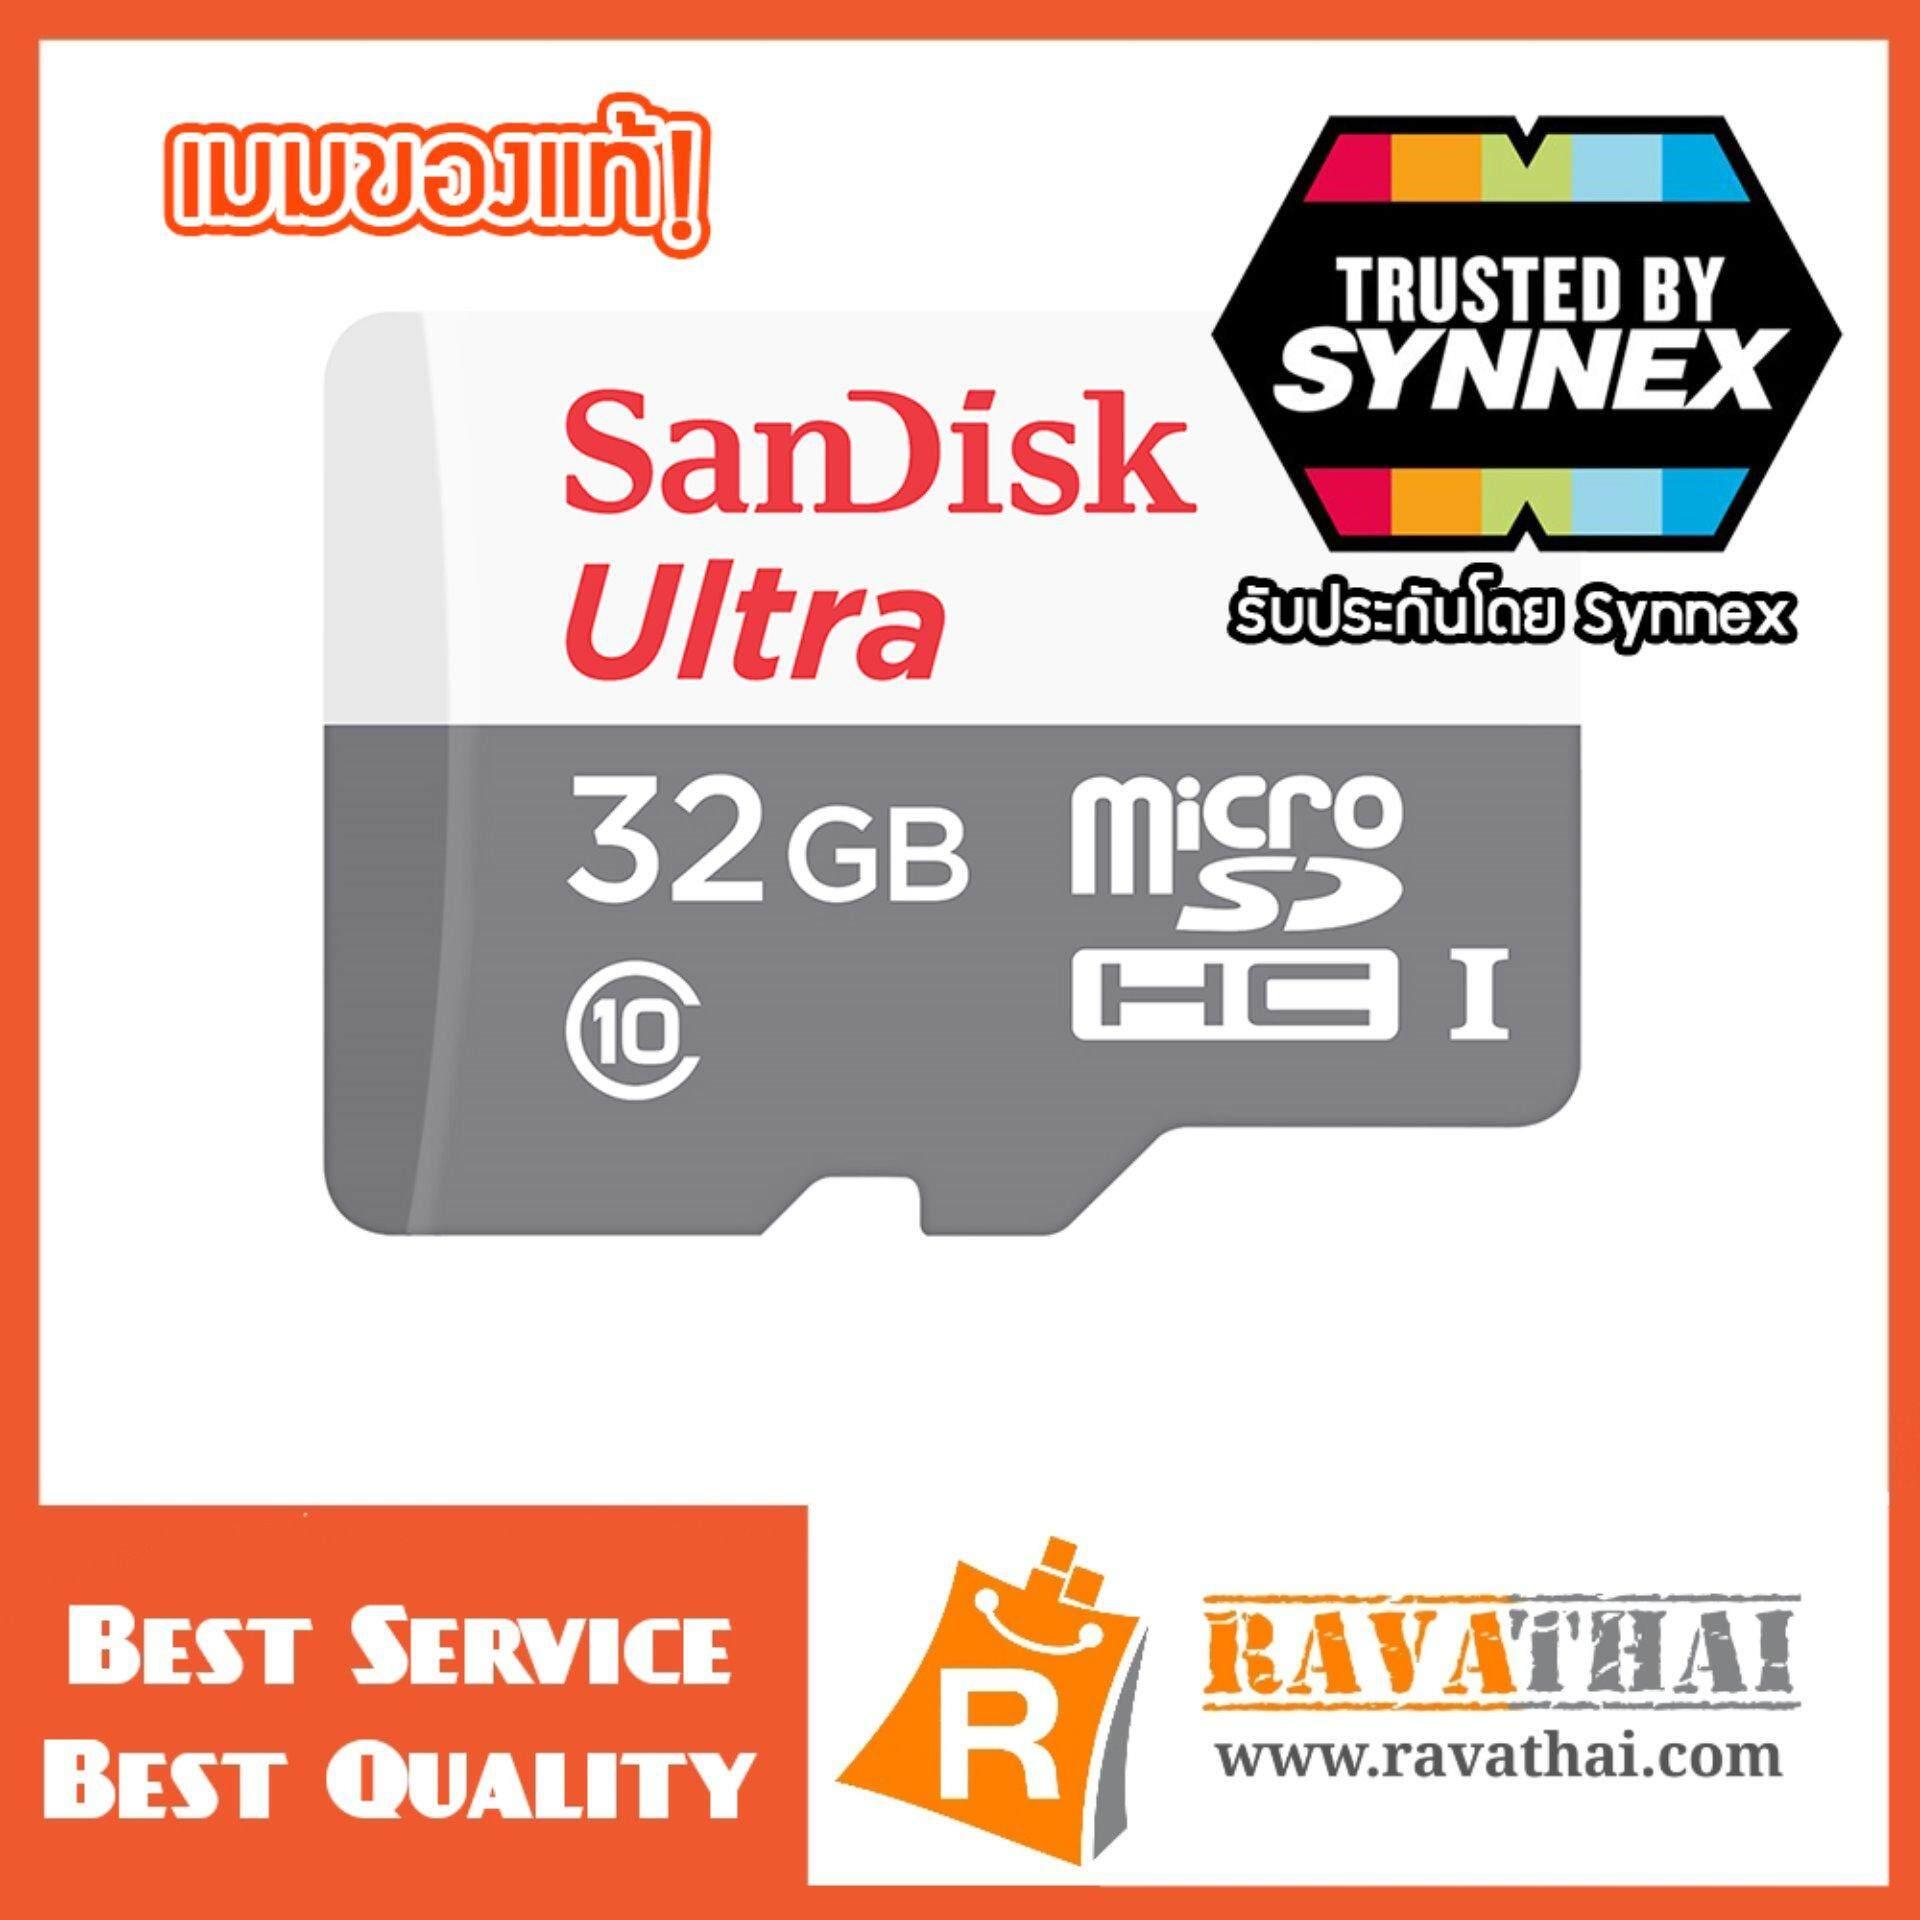 เมมโมรี่การ์ด Sandisk Ultra 16-128กิ๊ก ขนาดไมโคร Micro Sd Card 16gb Class 10 เมมโทรศัพท์มือถือราคาถูก.